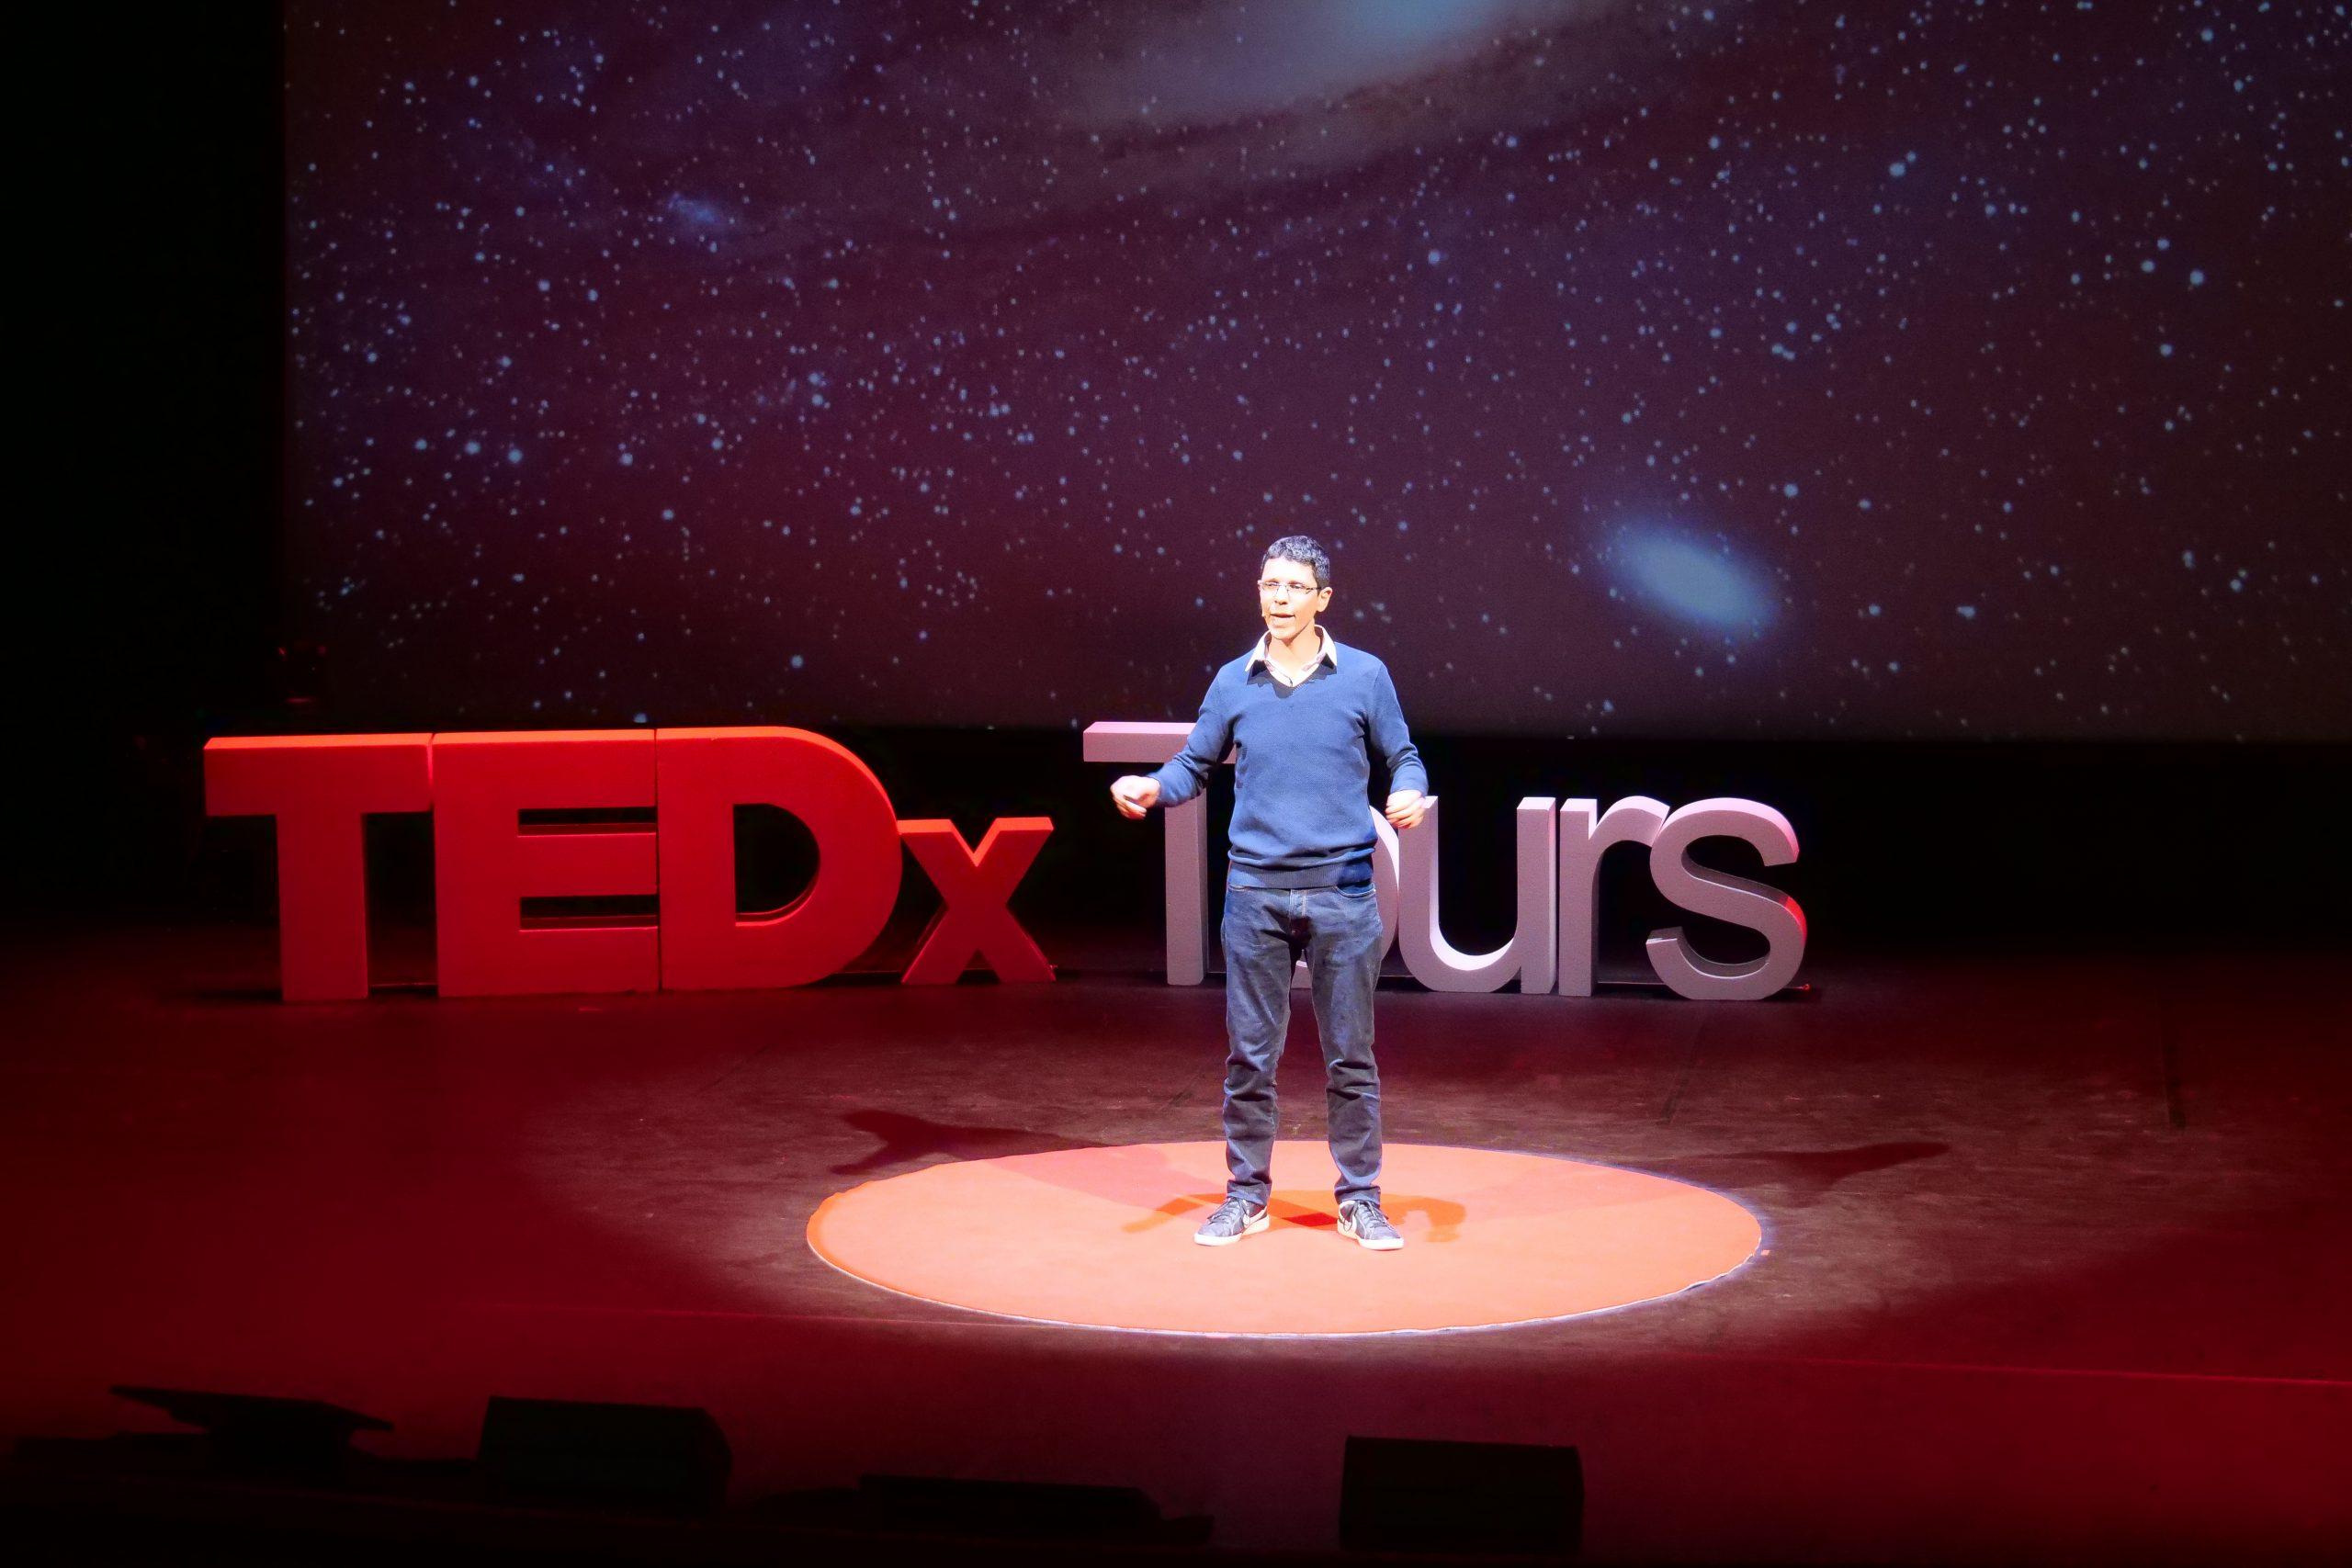 TEDxTours 2018 19